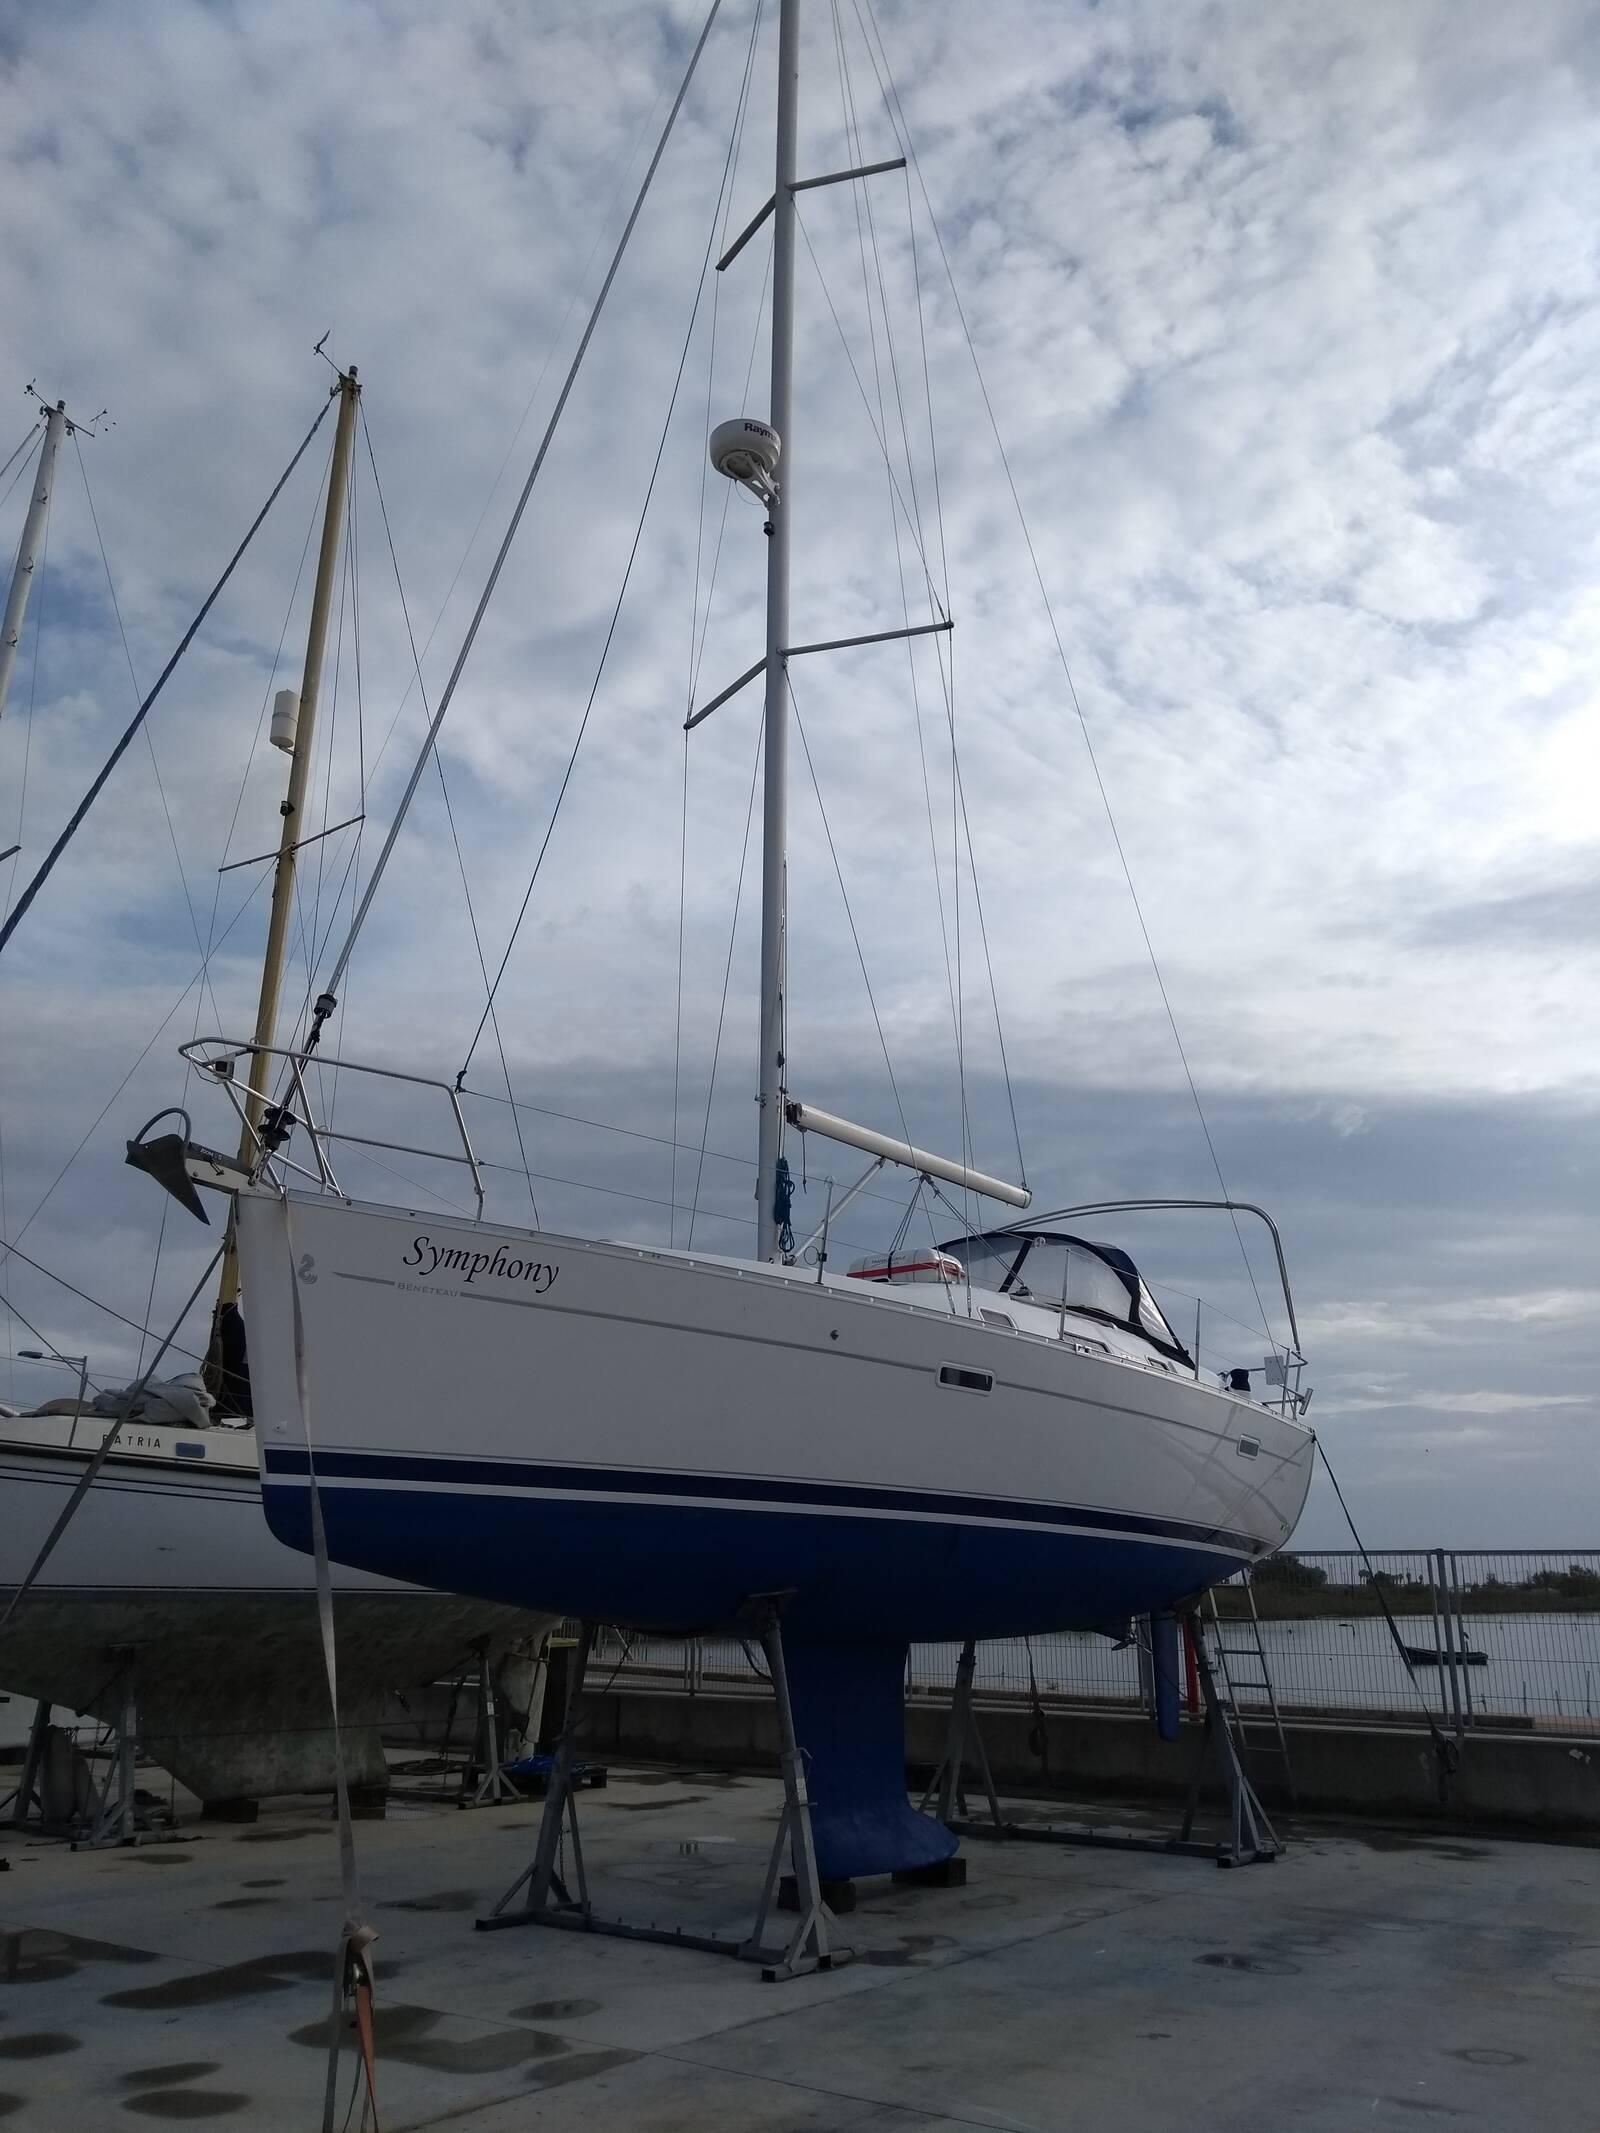 Beneteau Oceanis 343 Clipper in the yard